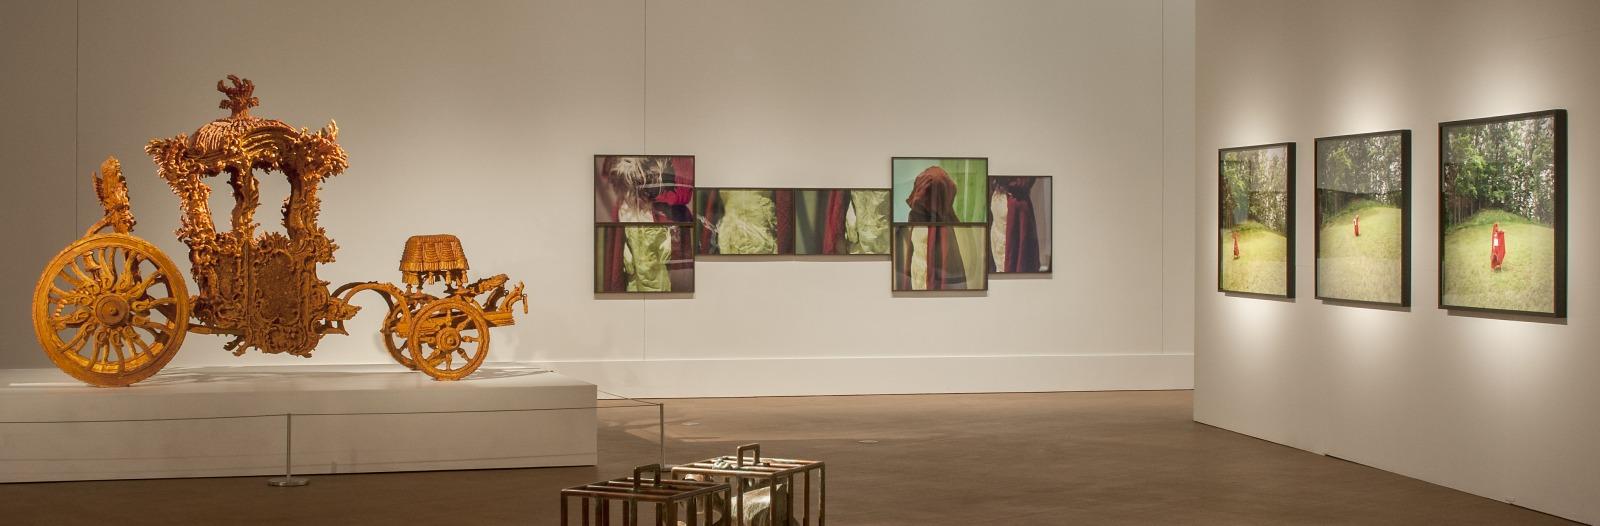 Exhibition D View : Centre d édition contemporaine geneva exhibition